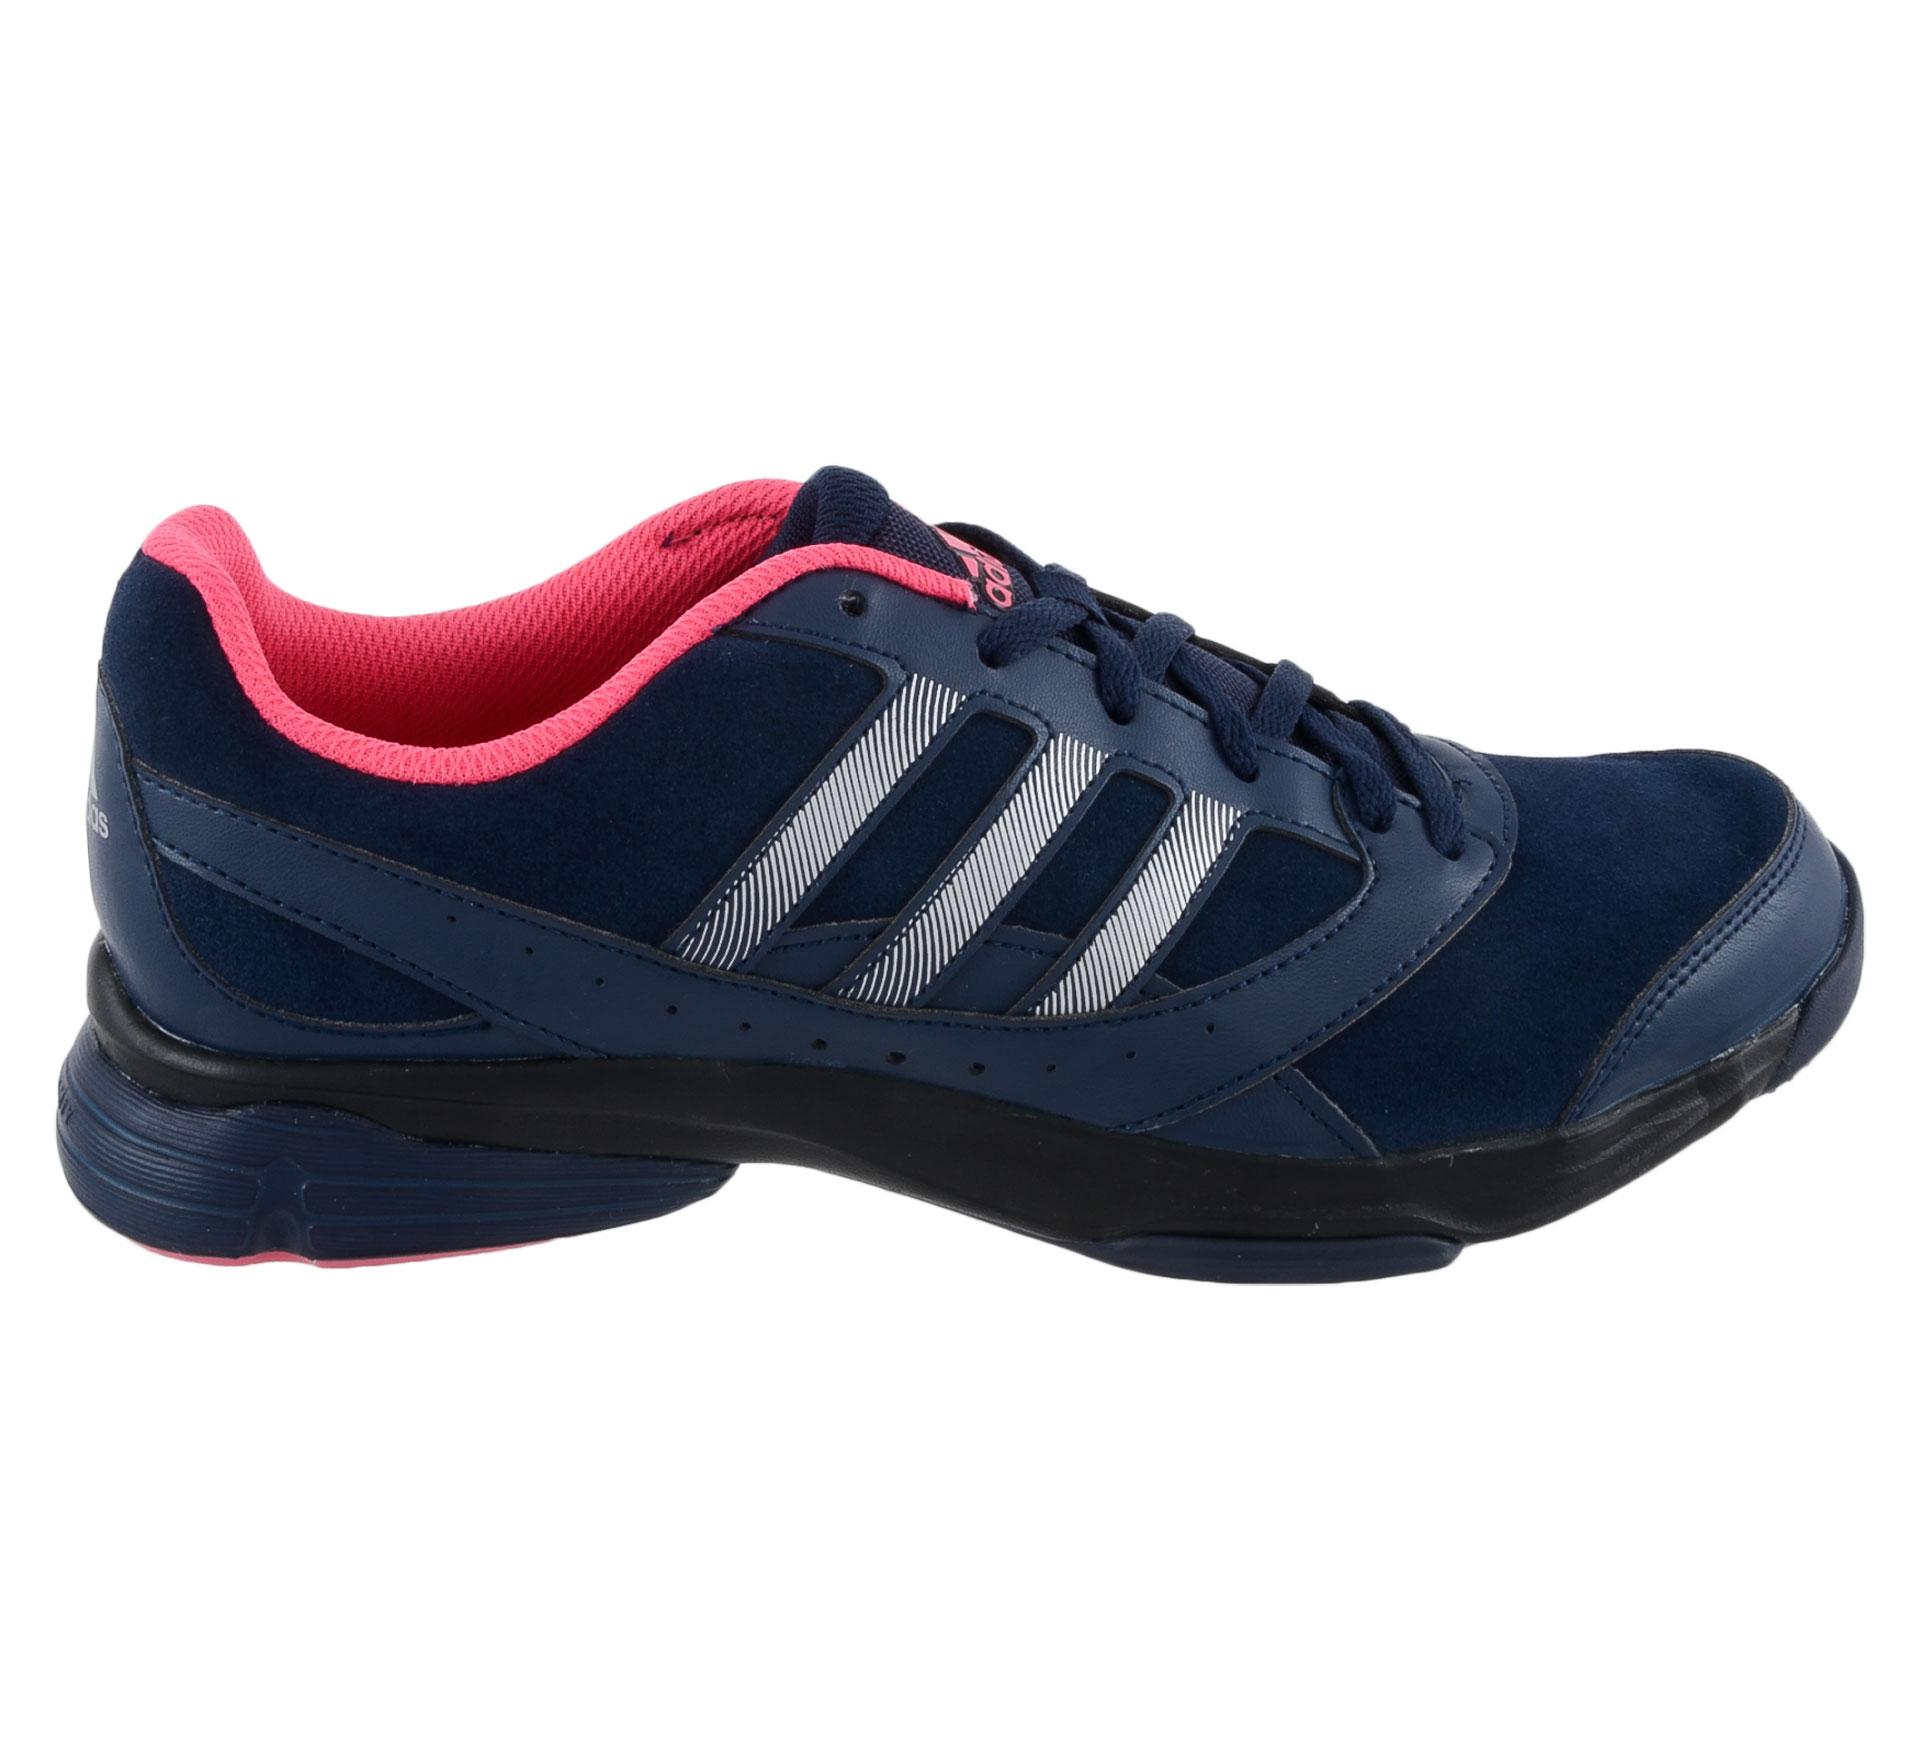 eea4568c58d Adidas Arianna II Fitnessschoenen Dames navy – zilver – roze